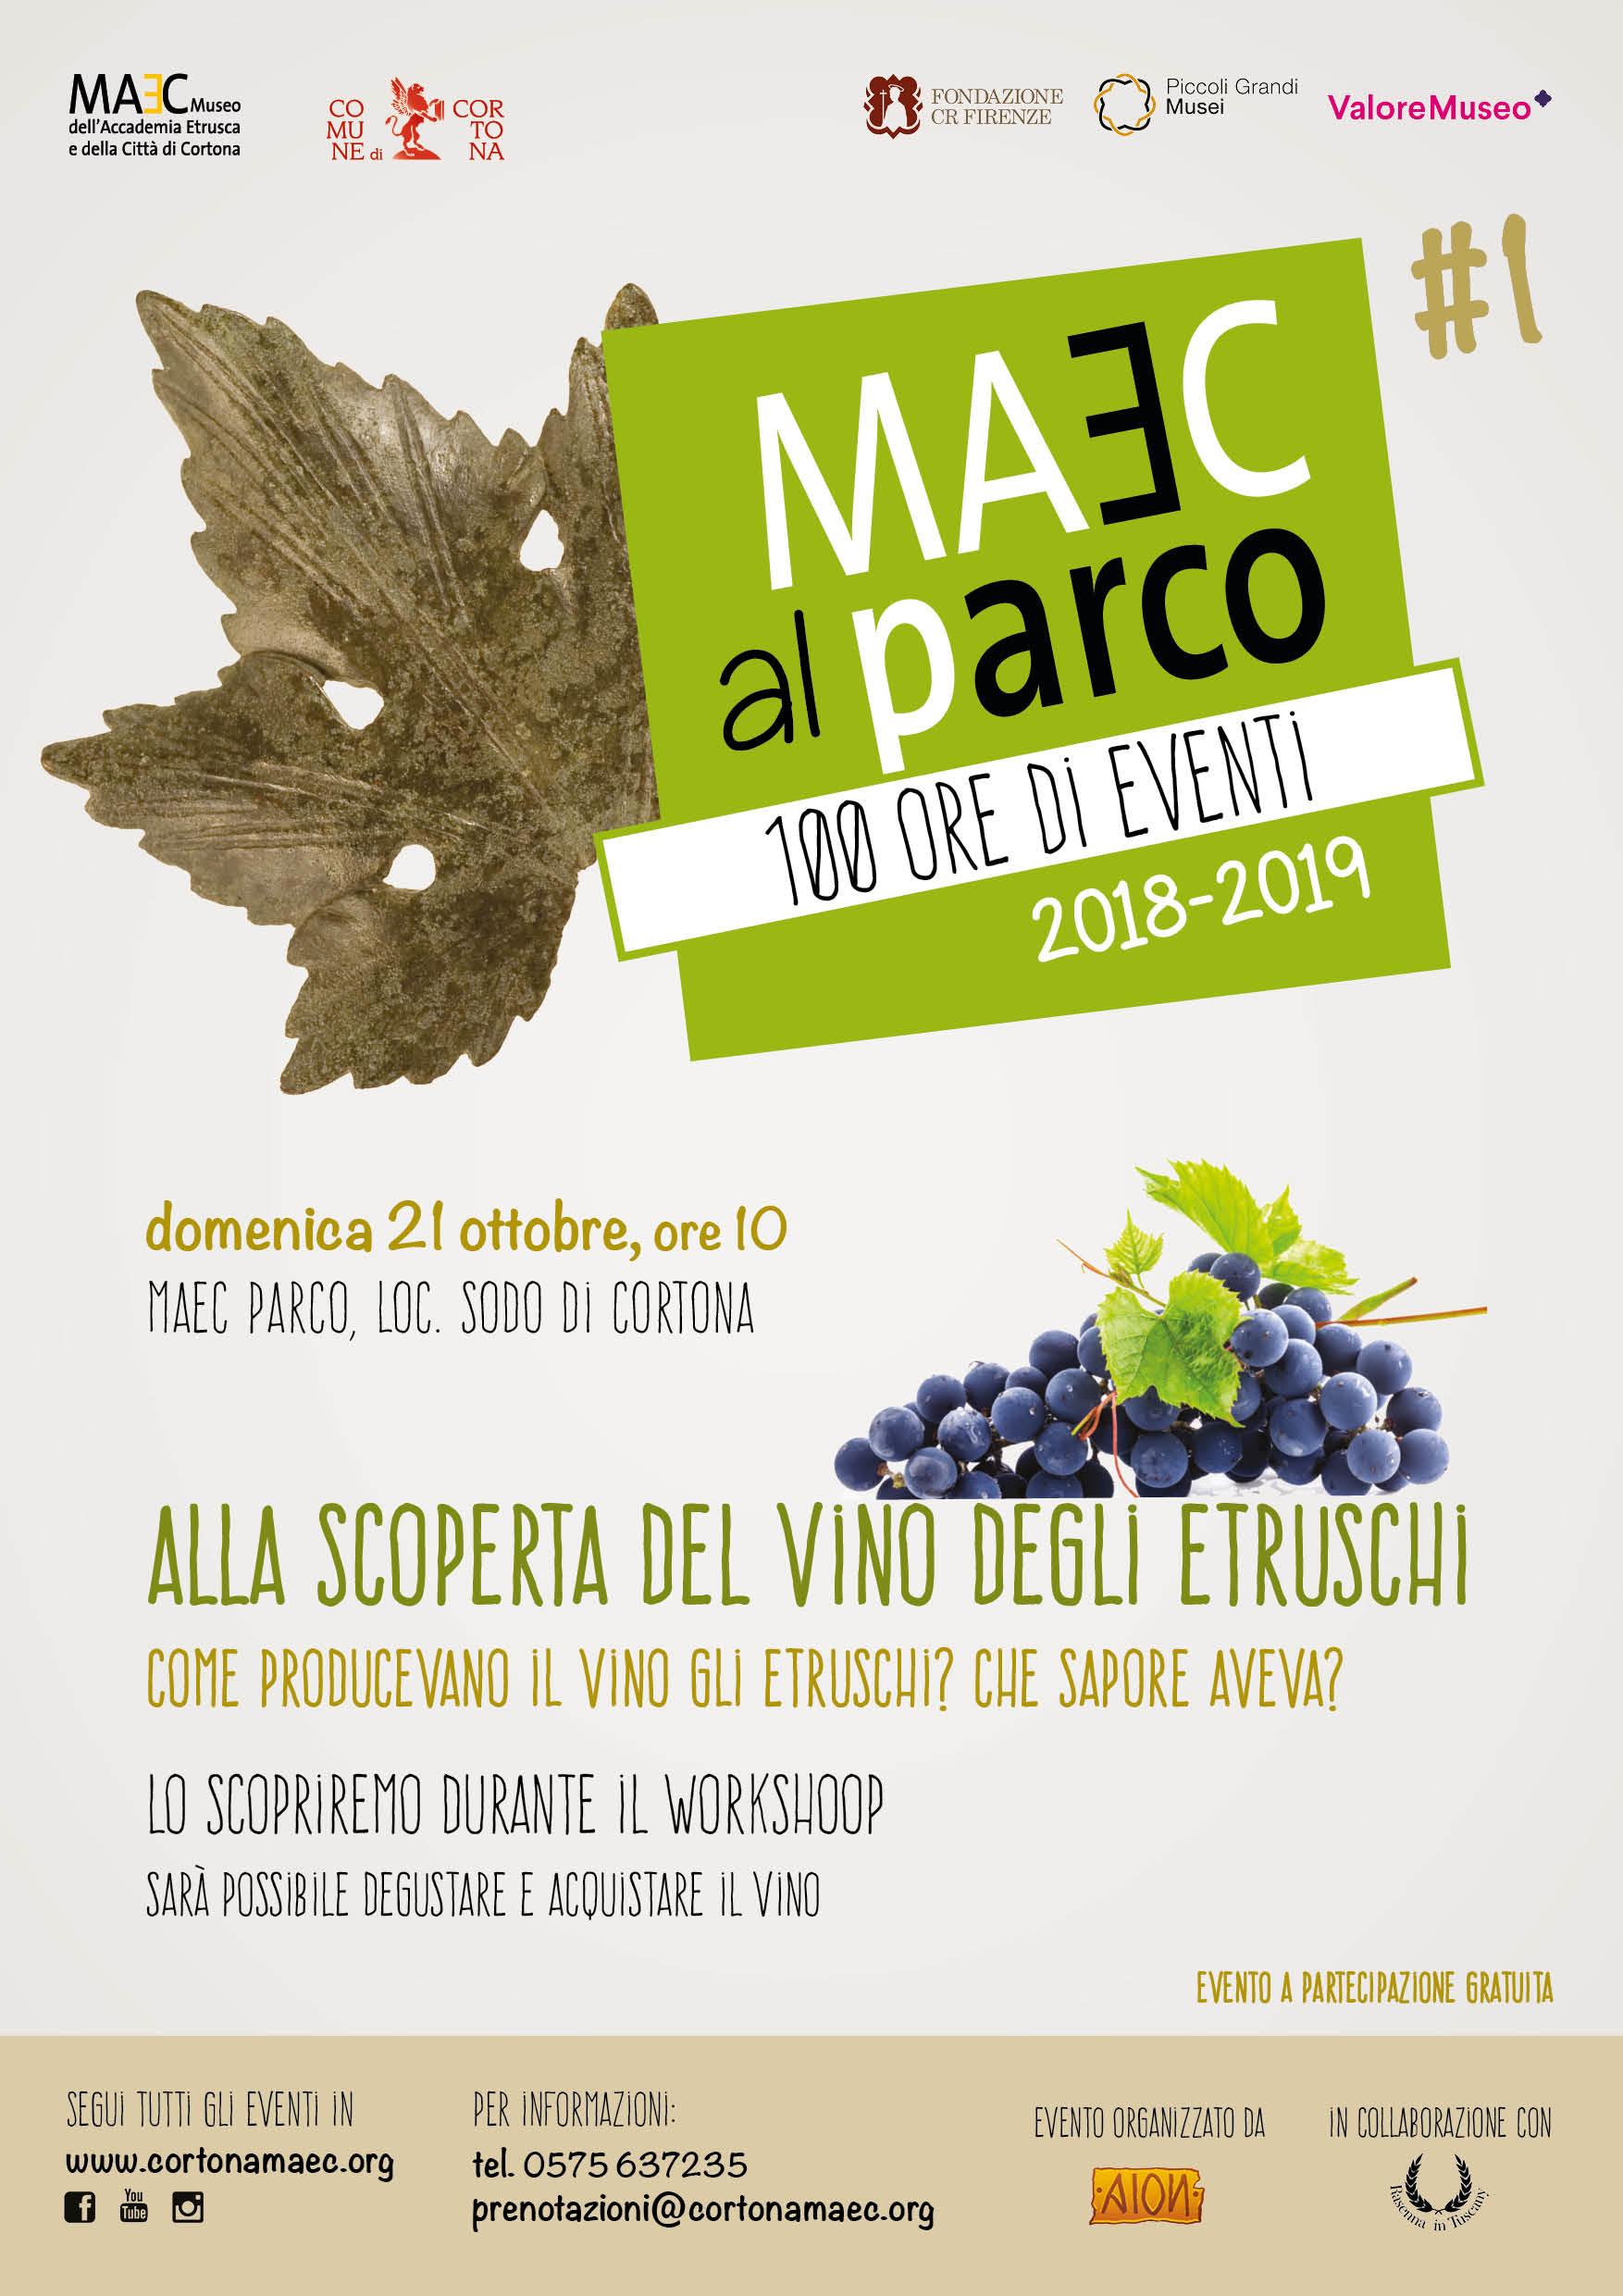 workshop per scoprire come gli etruschi producevano e conservavano il vino